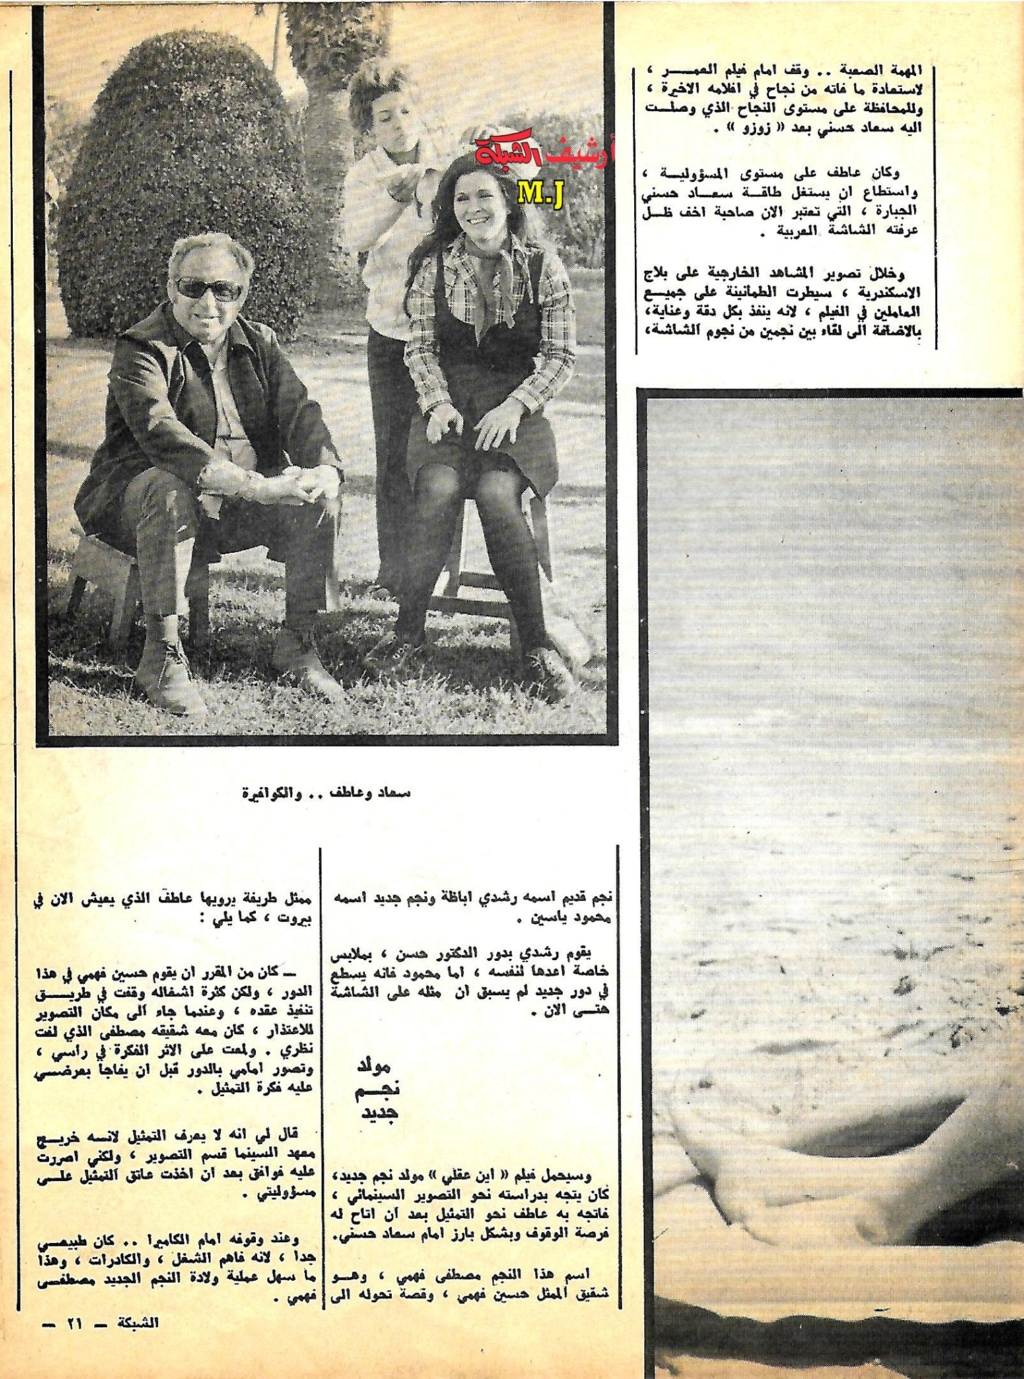 مقال صحفي : نصيحة لبنانية تبعد سعاد حسني عن الافلام الاستعراضية 1973 م 4166